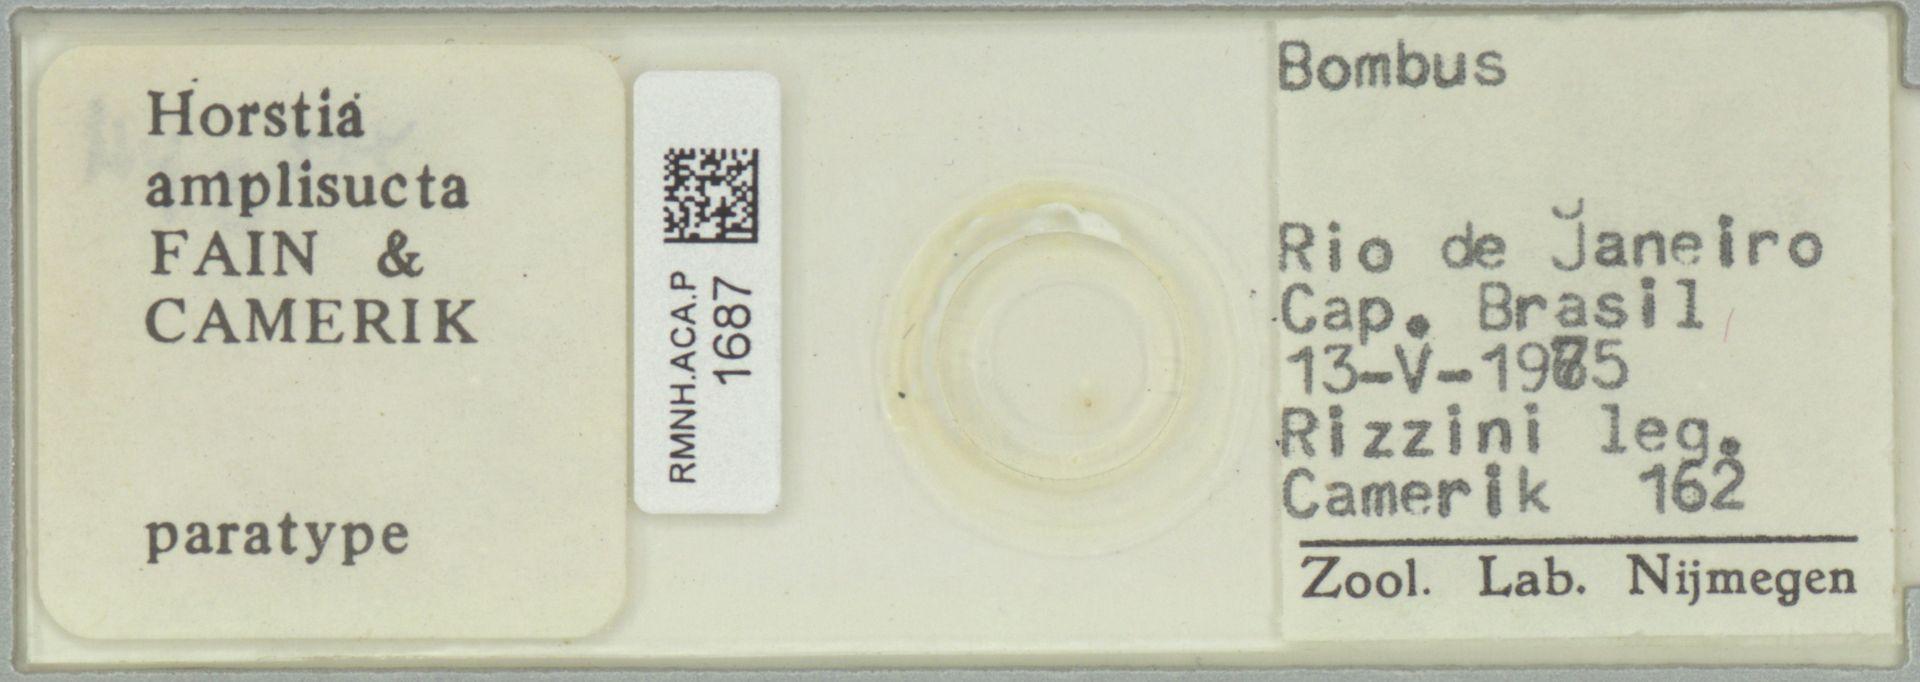 RMNH.ACA.P.1687 | Horstia amplisucta Fain & Camerik